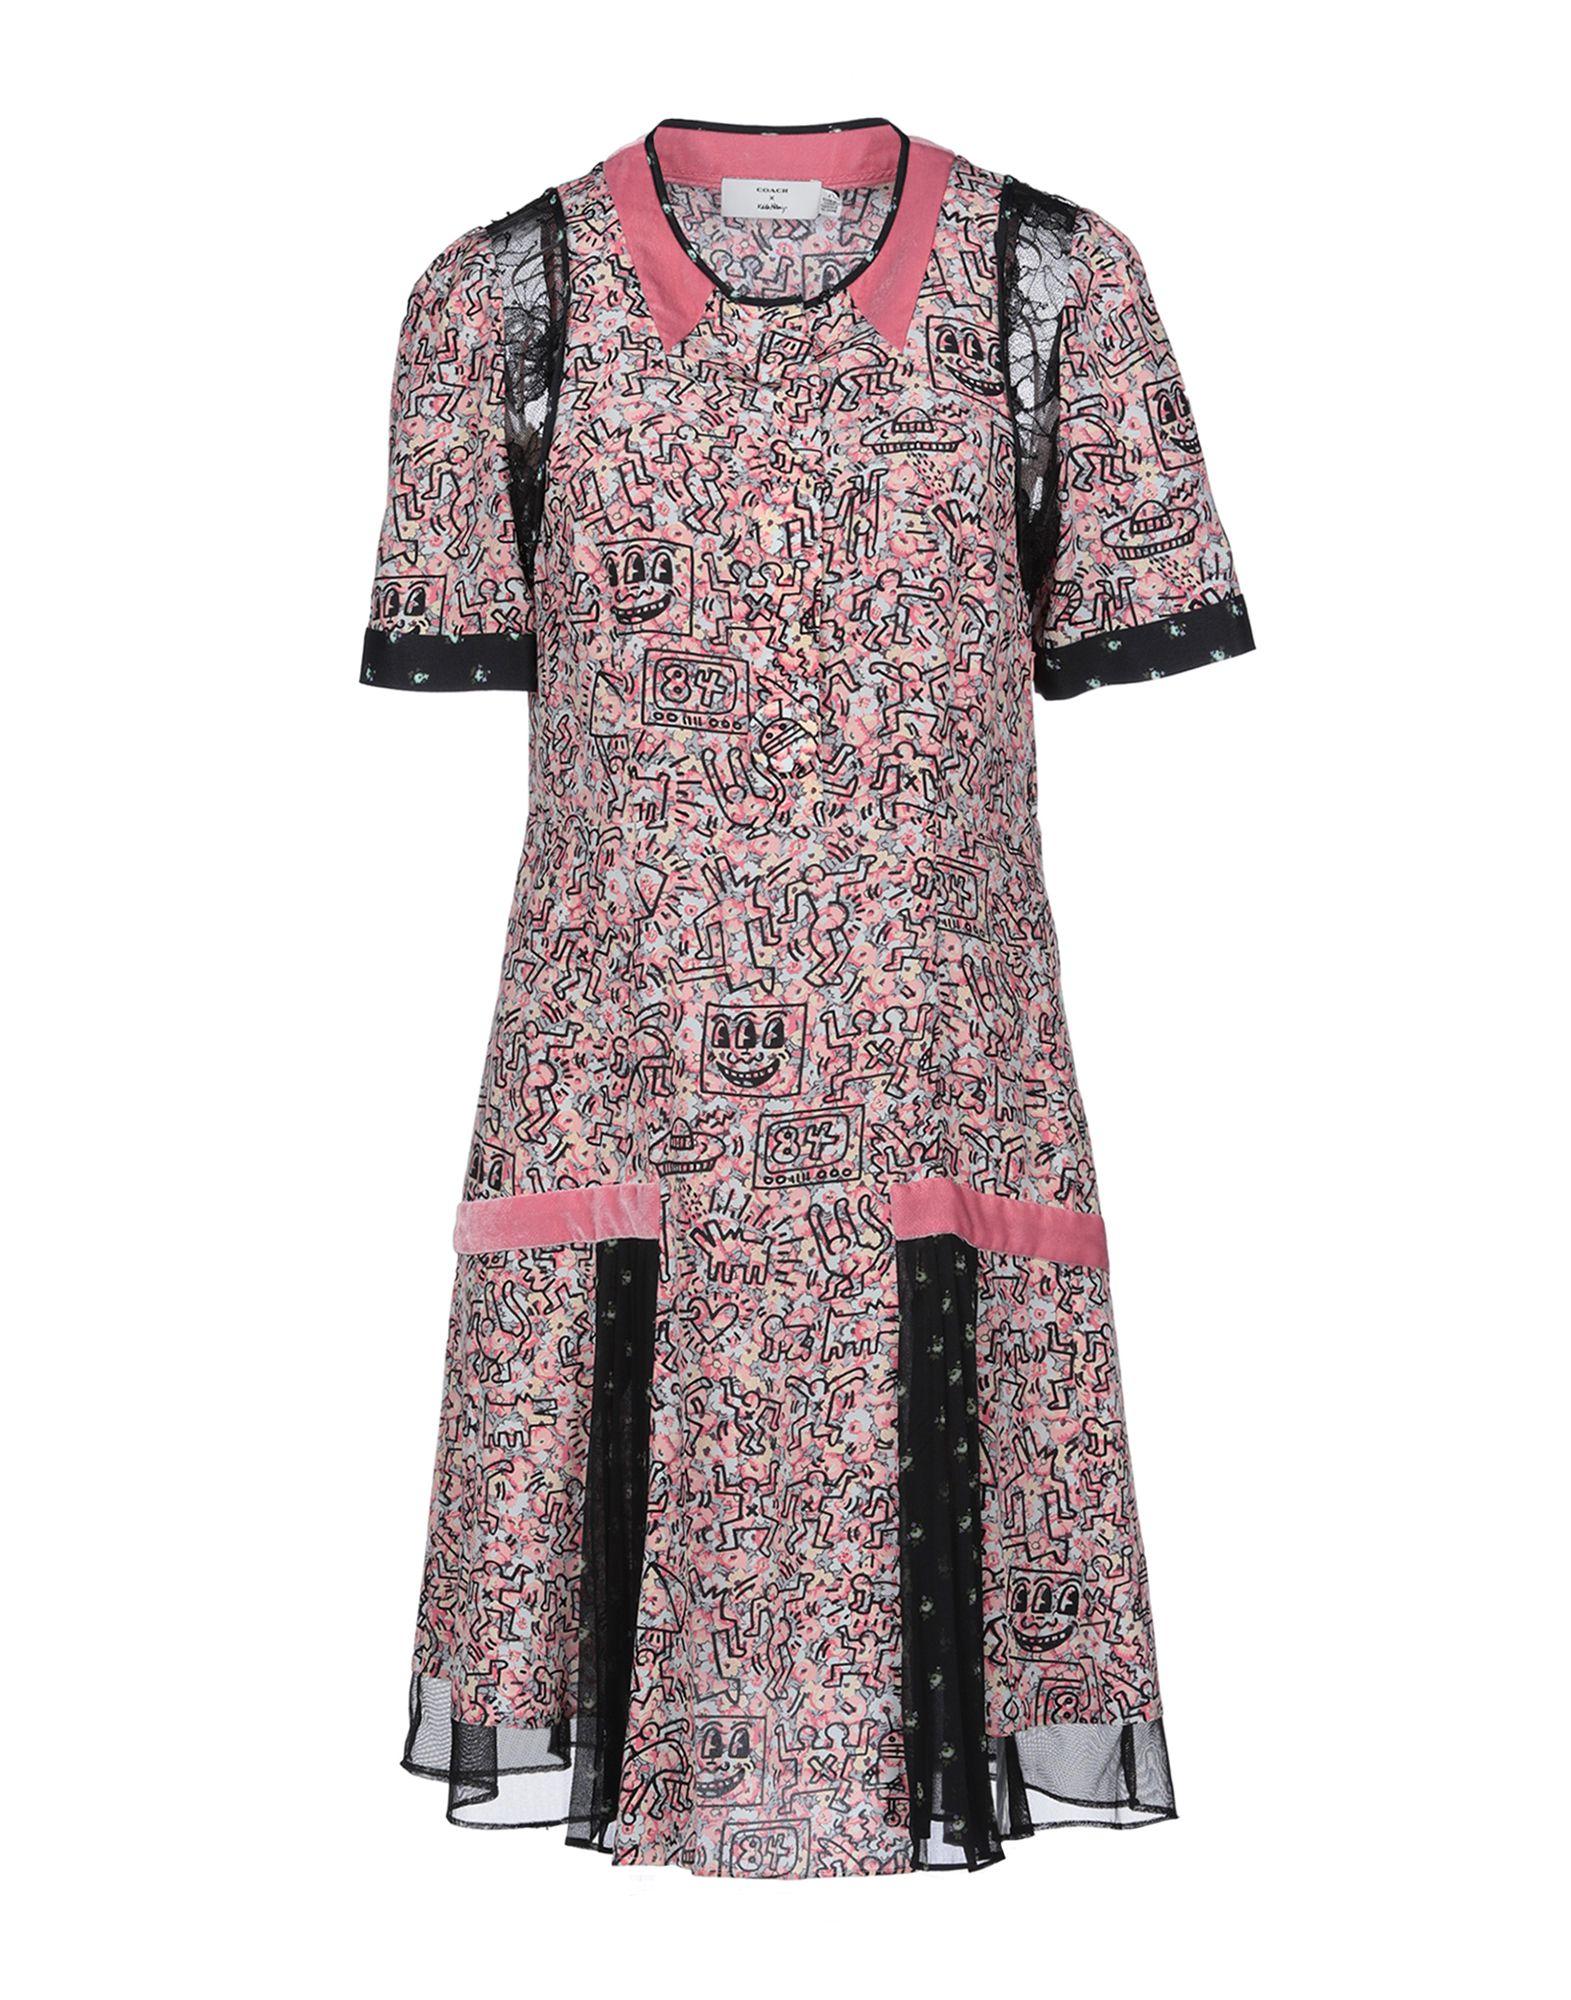 《送料無料》COACH レディース ミニワンピース&ドレス ピンク 2 シルク 100%